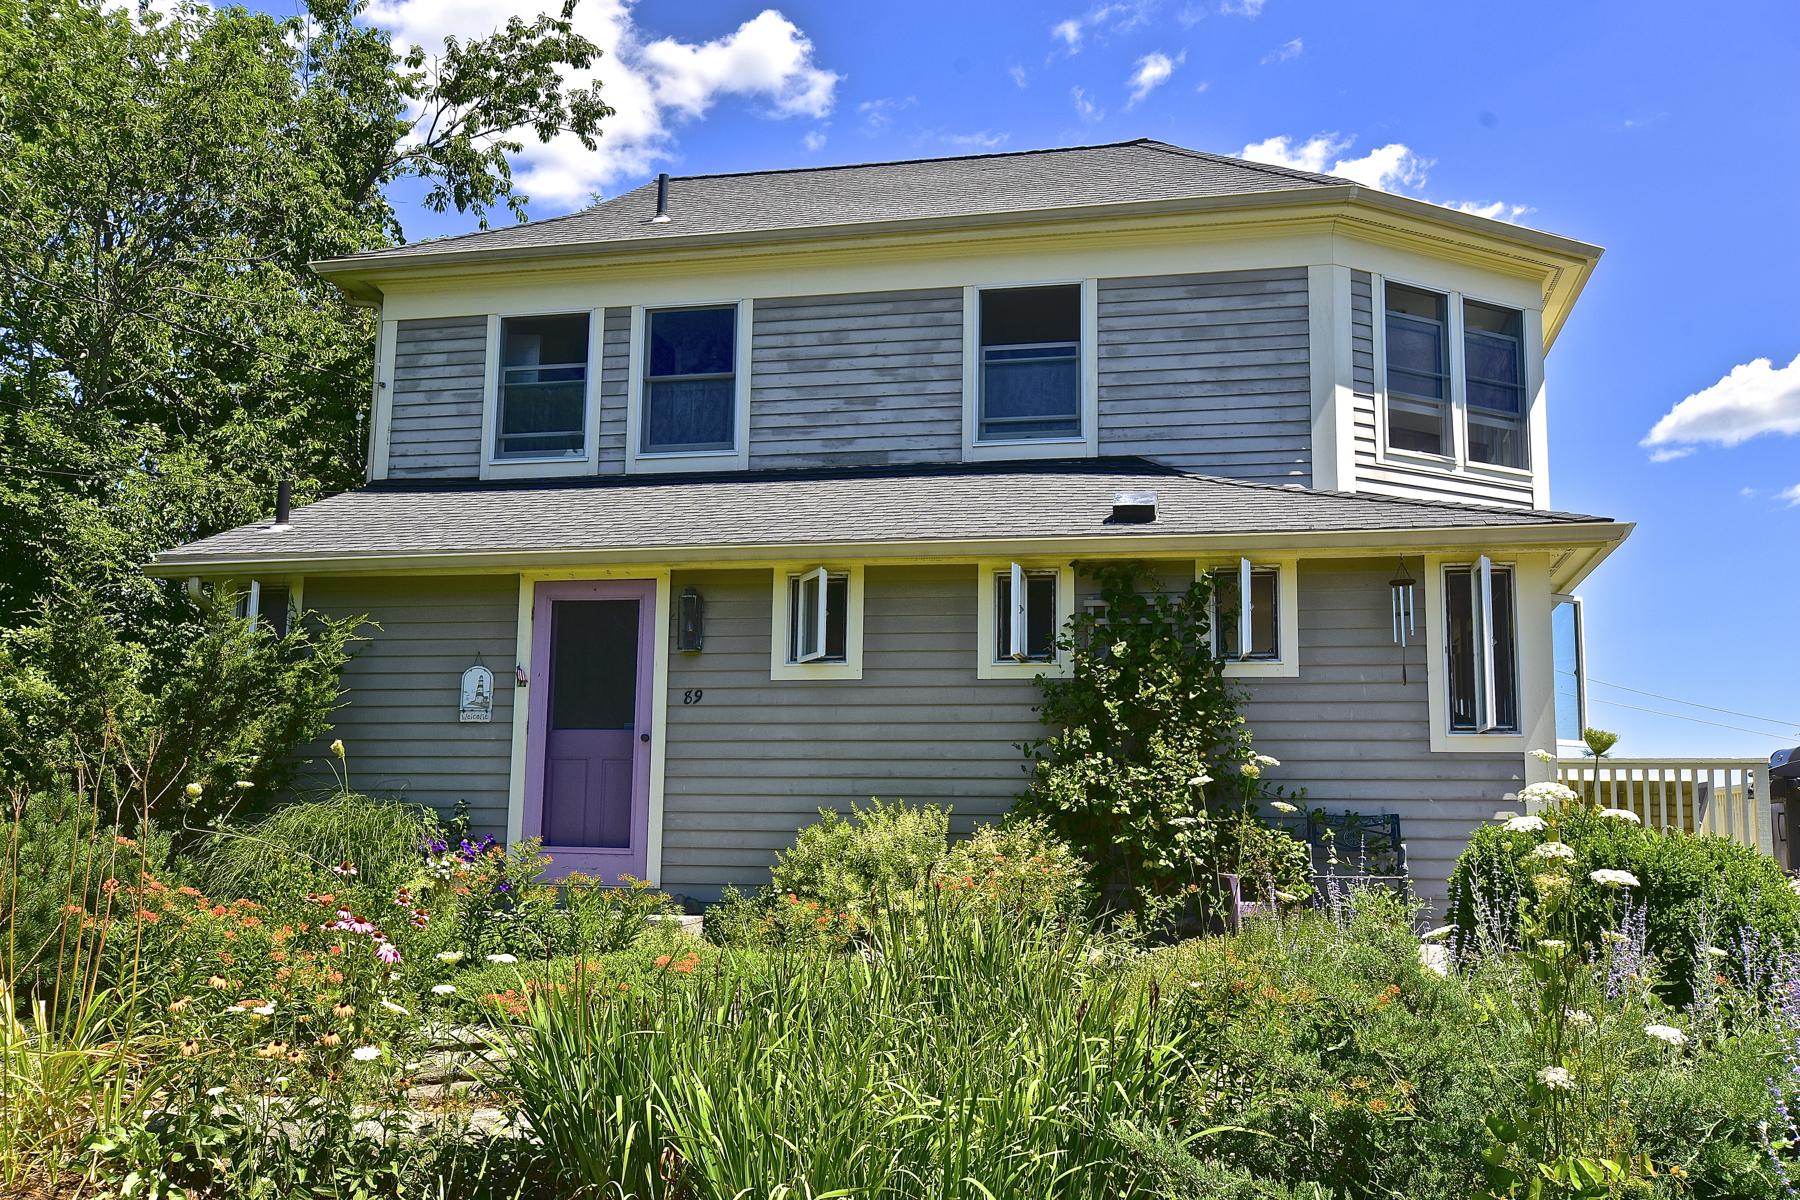 Nhà ở một gia đình vì Bán tại 89 Marshall Ave Guilford, Connecticut, 06437 Hoa Kỳ